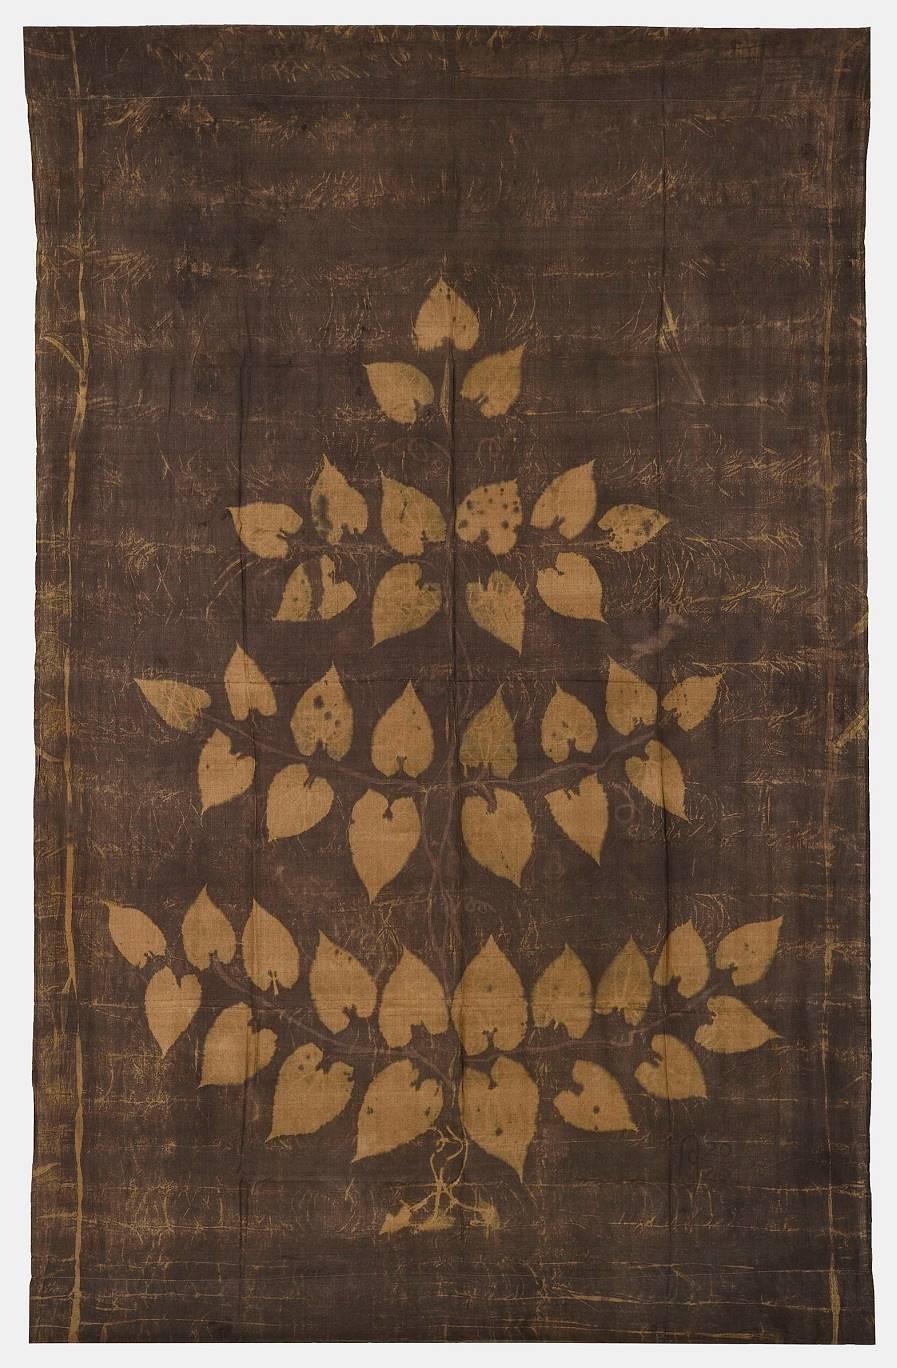 Tree of Life by Vishal Bhand at Mixed Media, CIMA Gallery